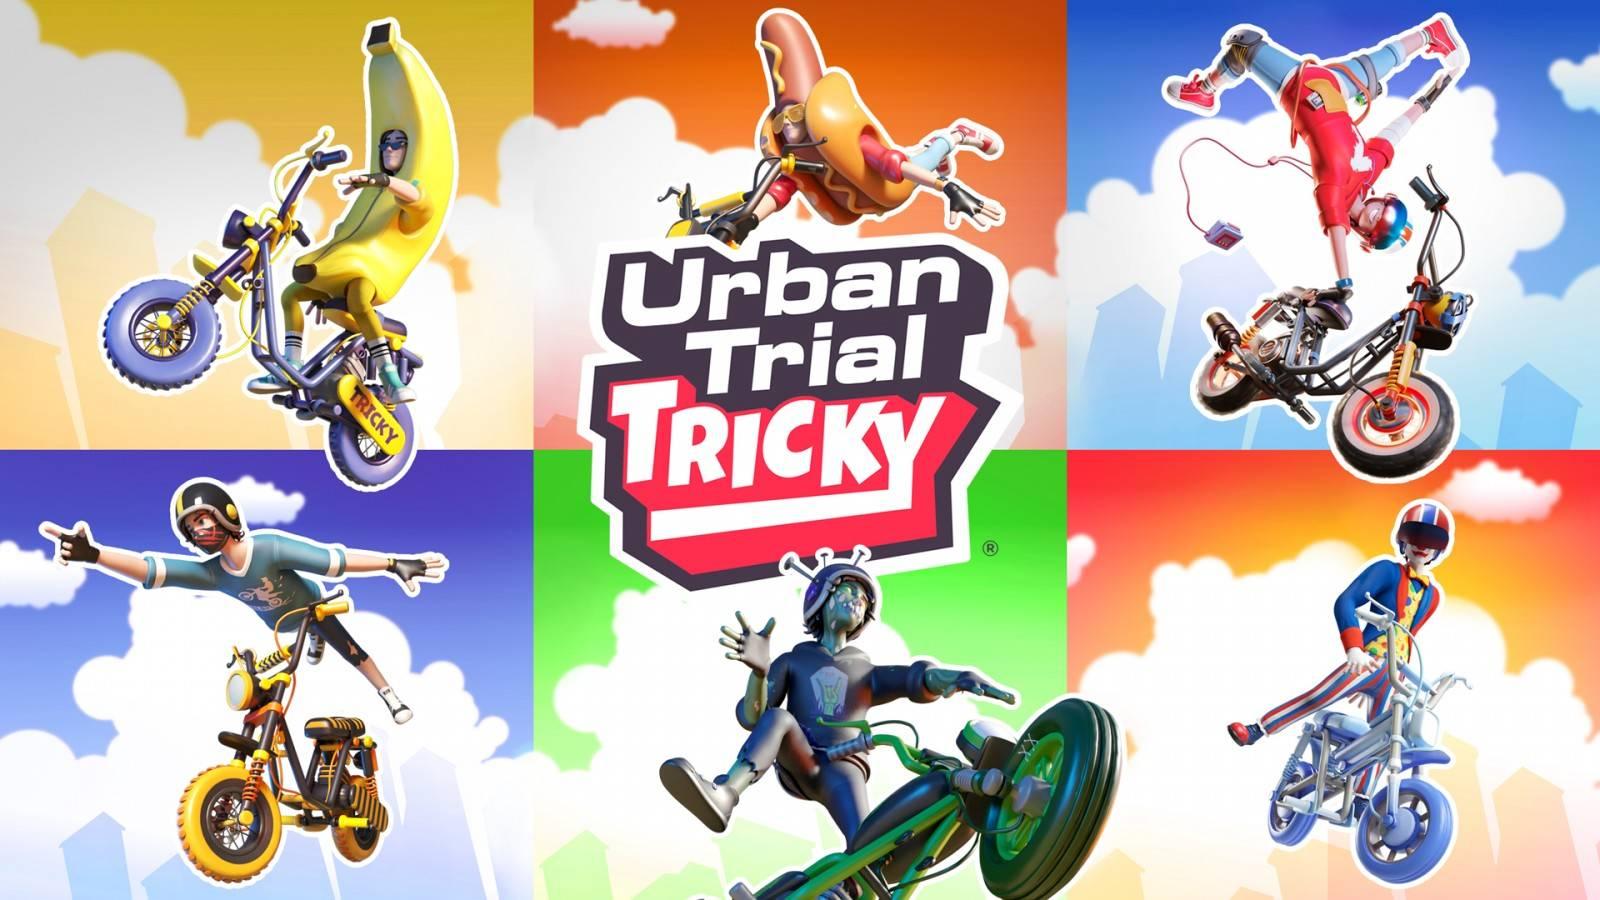 Urban Trial Tricky Deluxe Edition Anuncia su llegada a PlayStation 4, xbox One y PC este 22 de Julio.